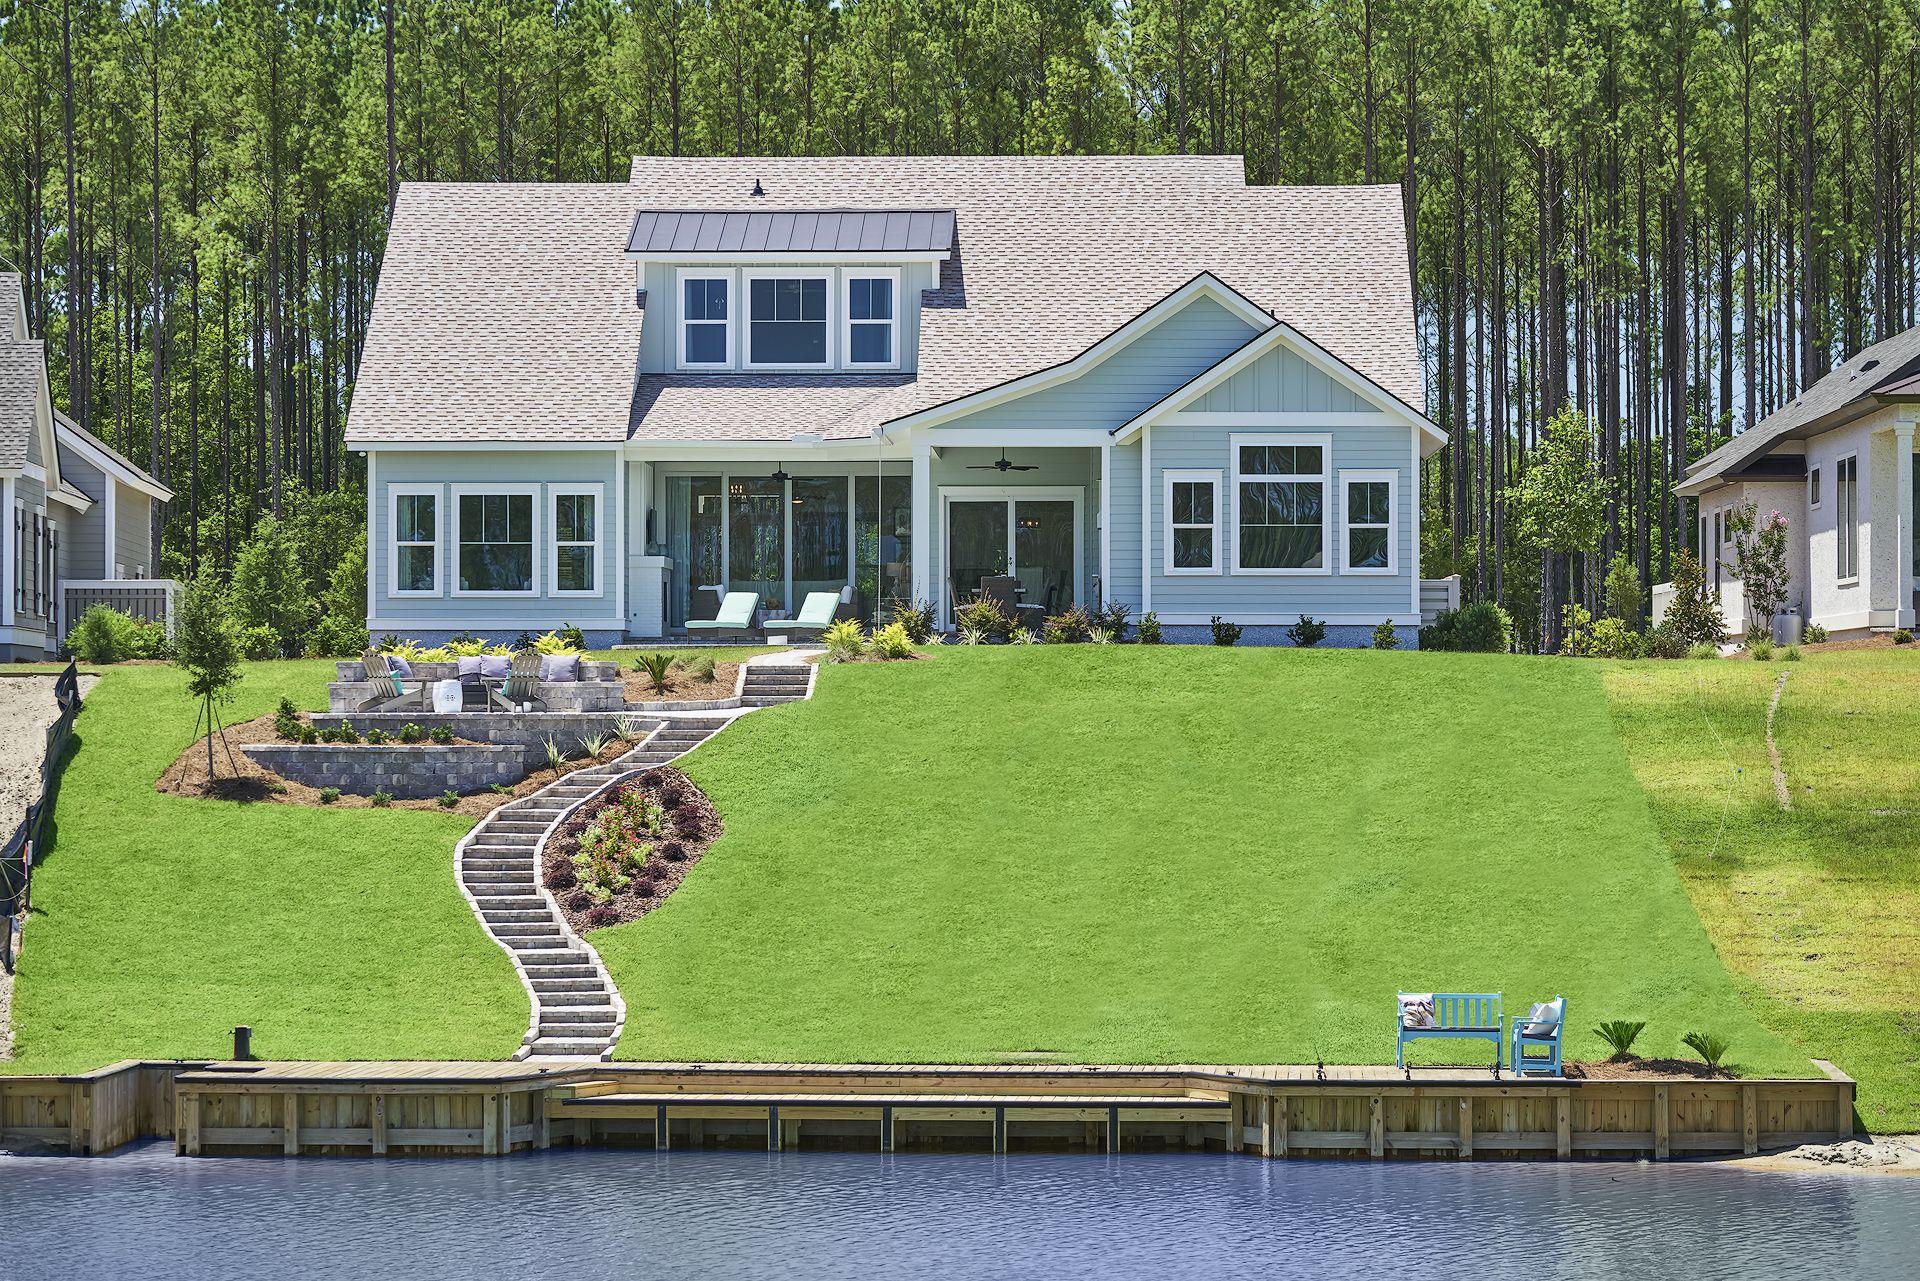 15 best Arthur Rutenberg Homes images on Pinterest | Ashley model ...